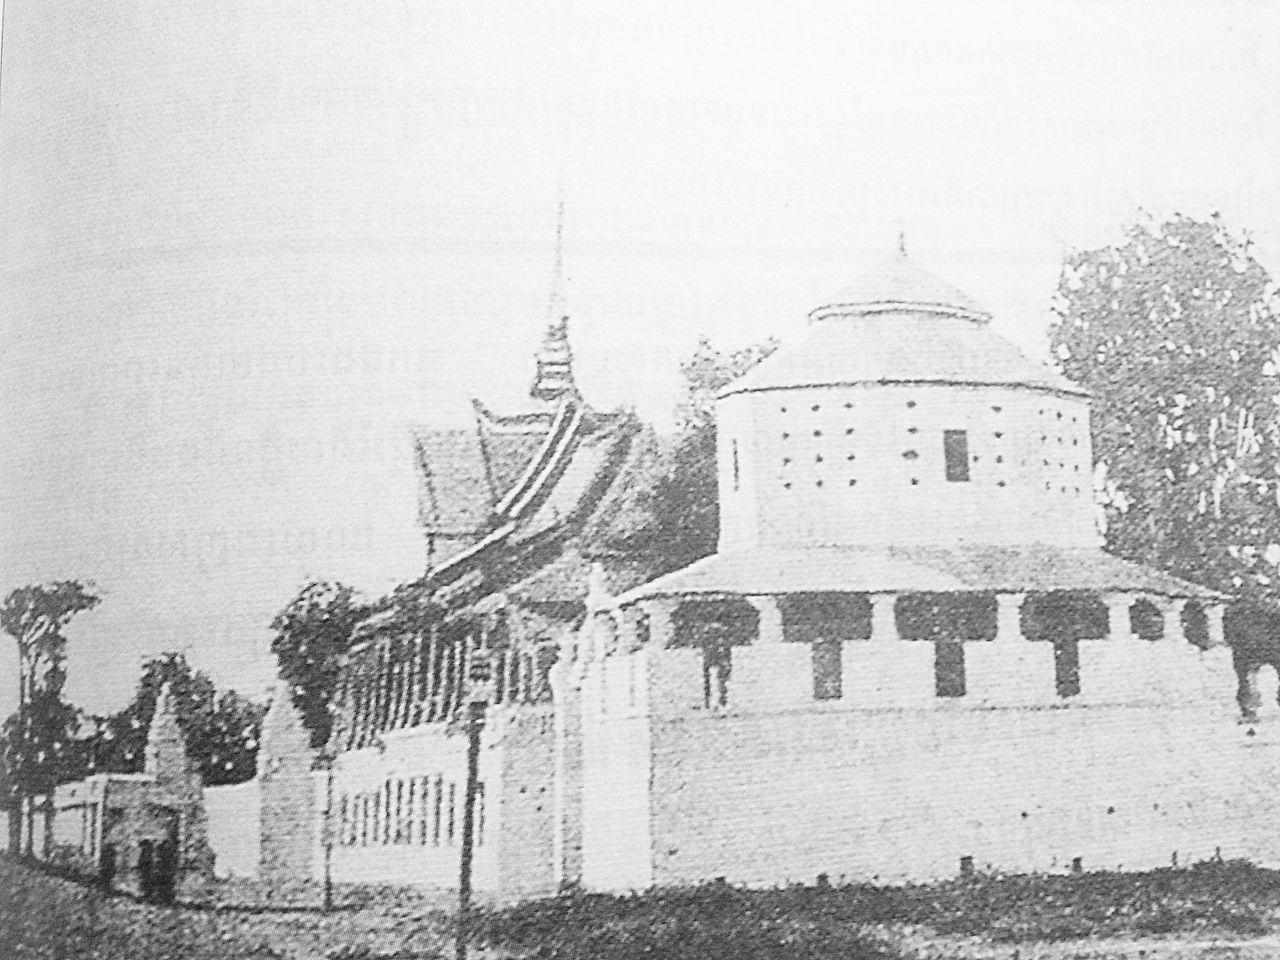 La Pavillon du clair de lune (Palais royal) en 1885 avec le bastion aujourd'hui disparu.